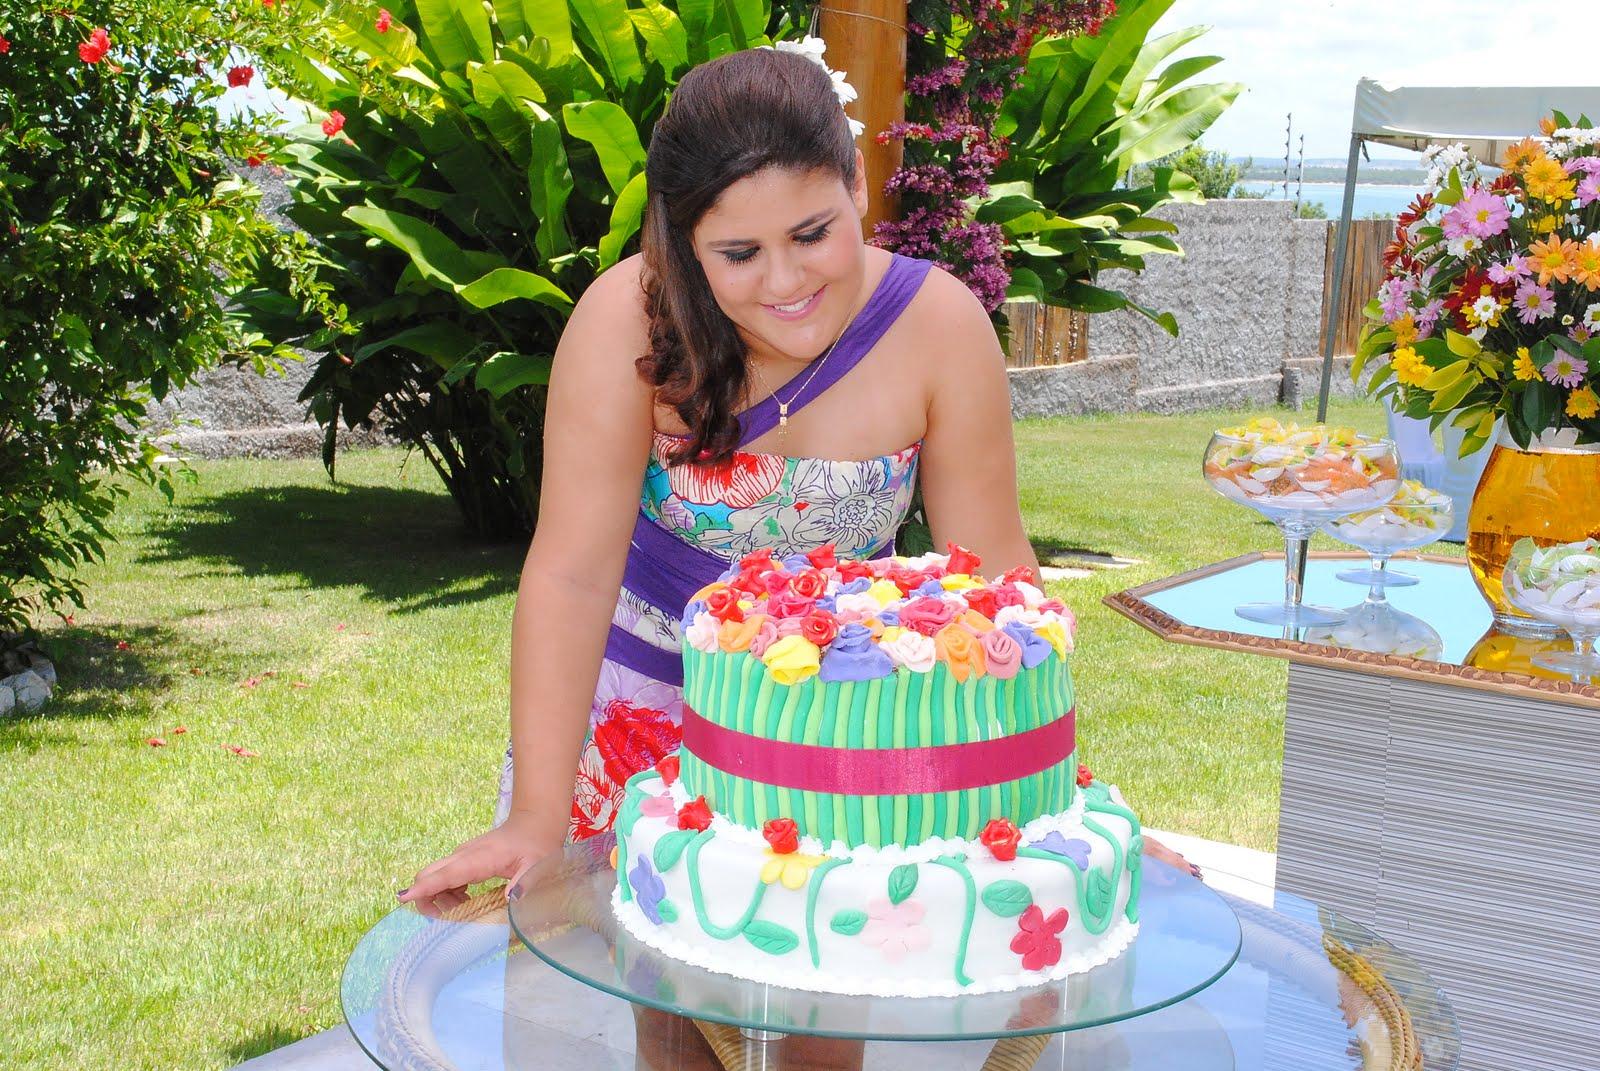 #416813 Cerimonial Lilás.Tom ♥ ♫♪: Festa Havaiana nos 15 anos de Elvira  1600x1071 px Banheiros Decorados Lilas 1007